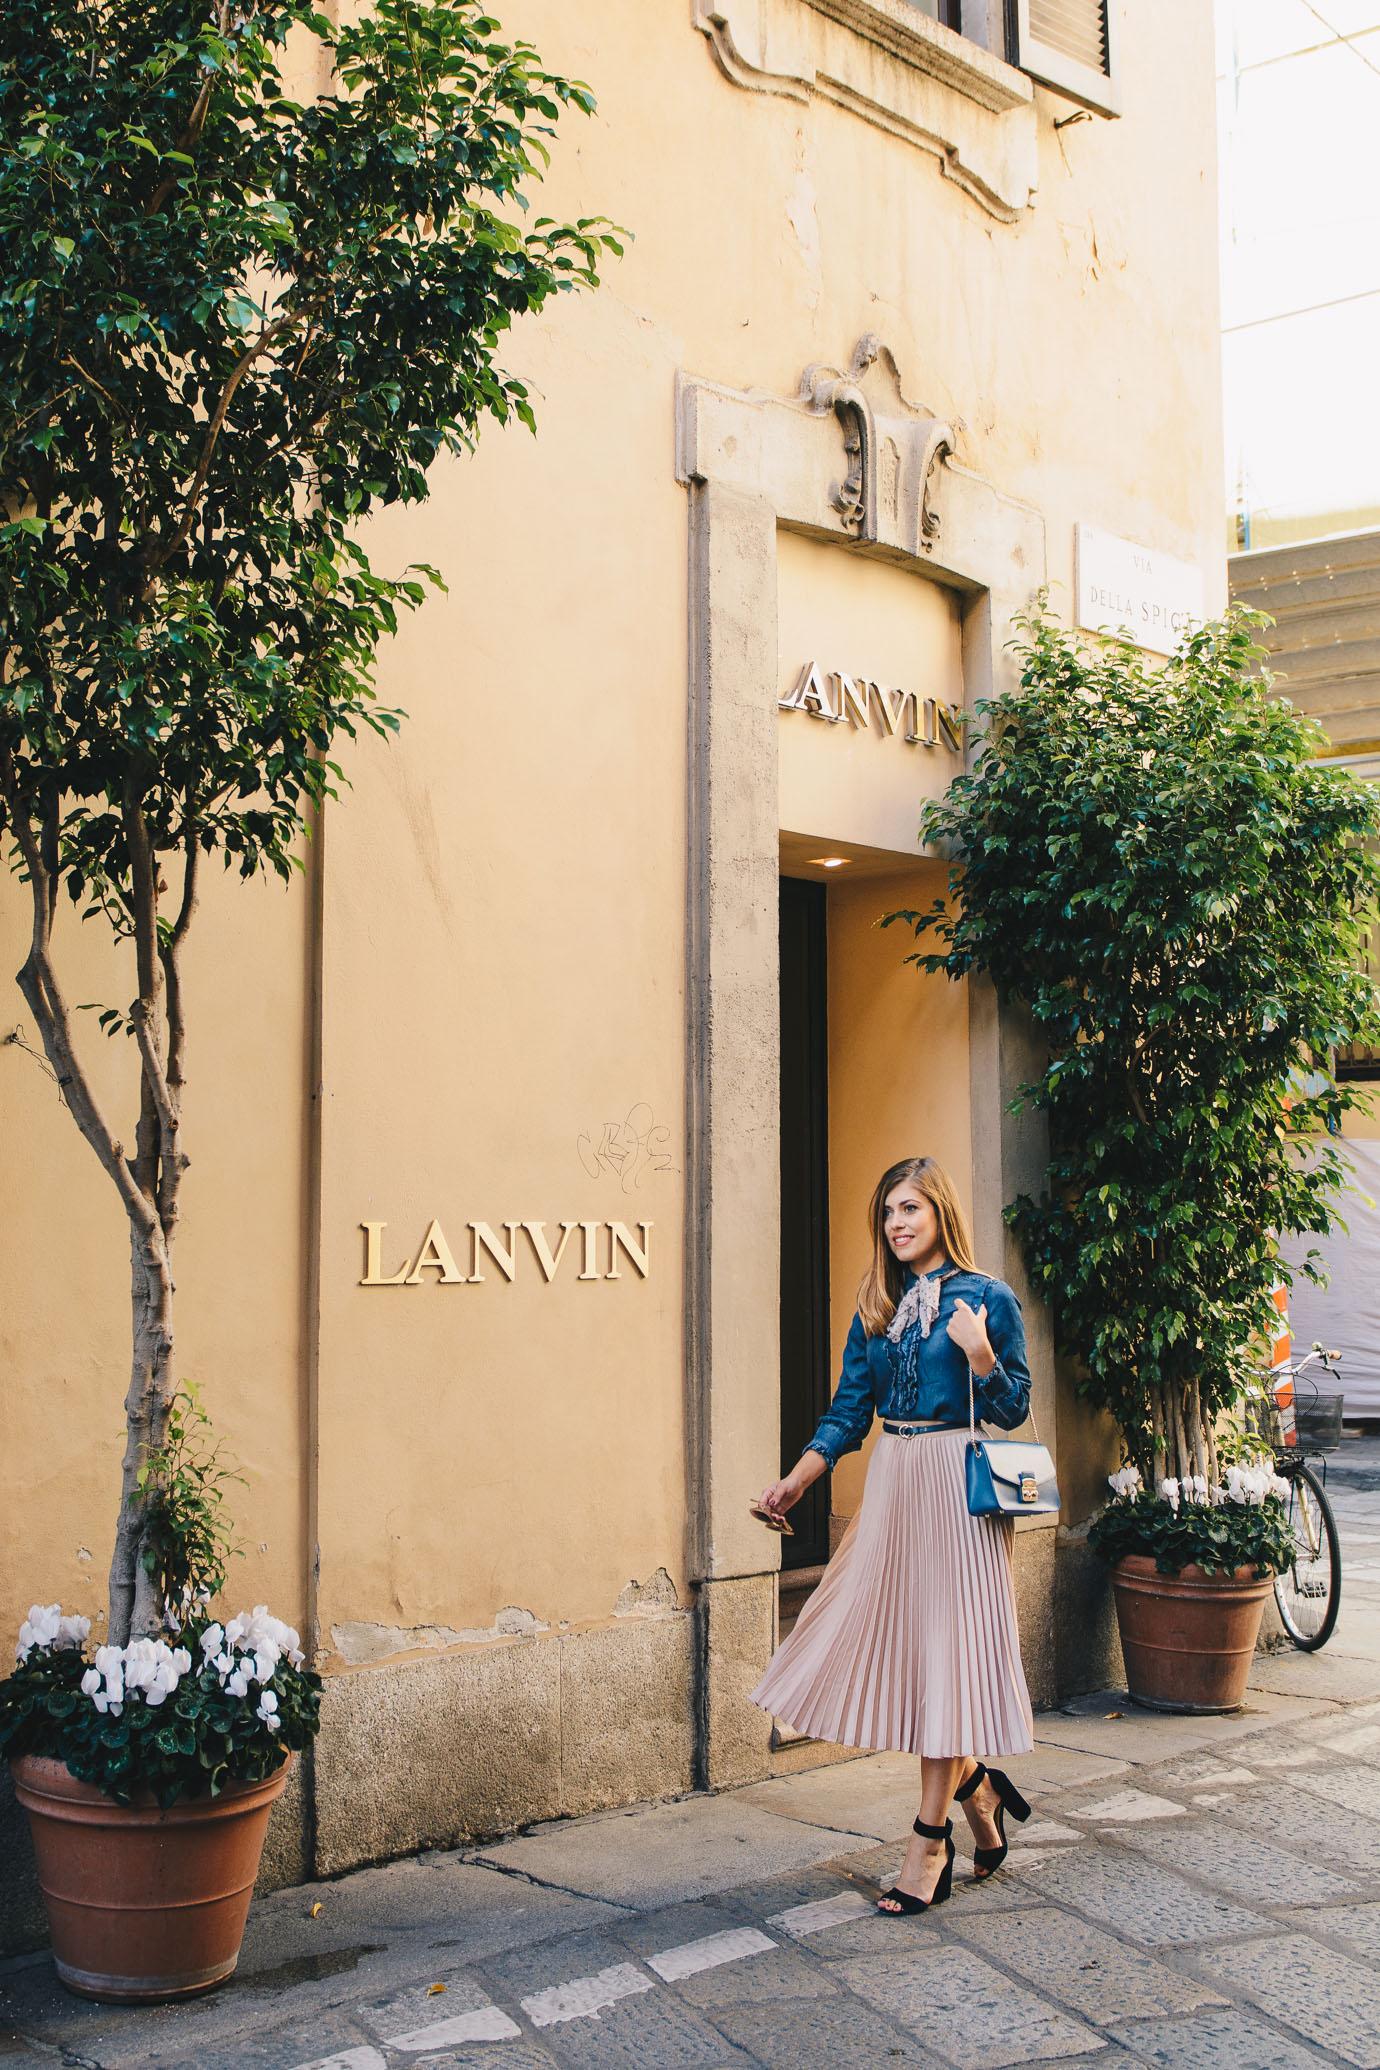 Lanvin Fashion week